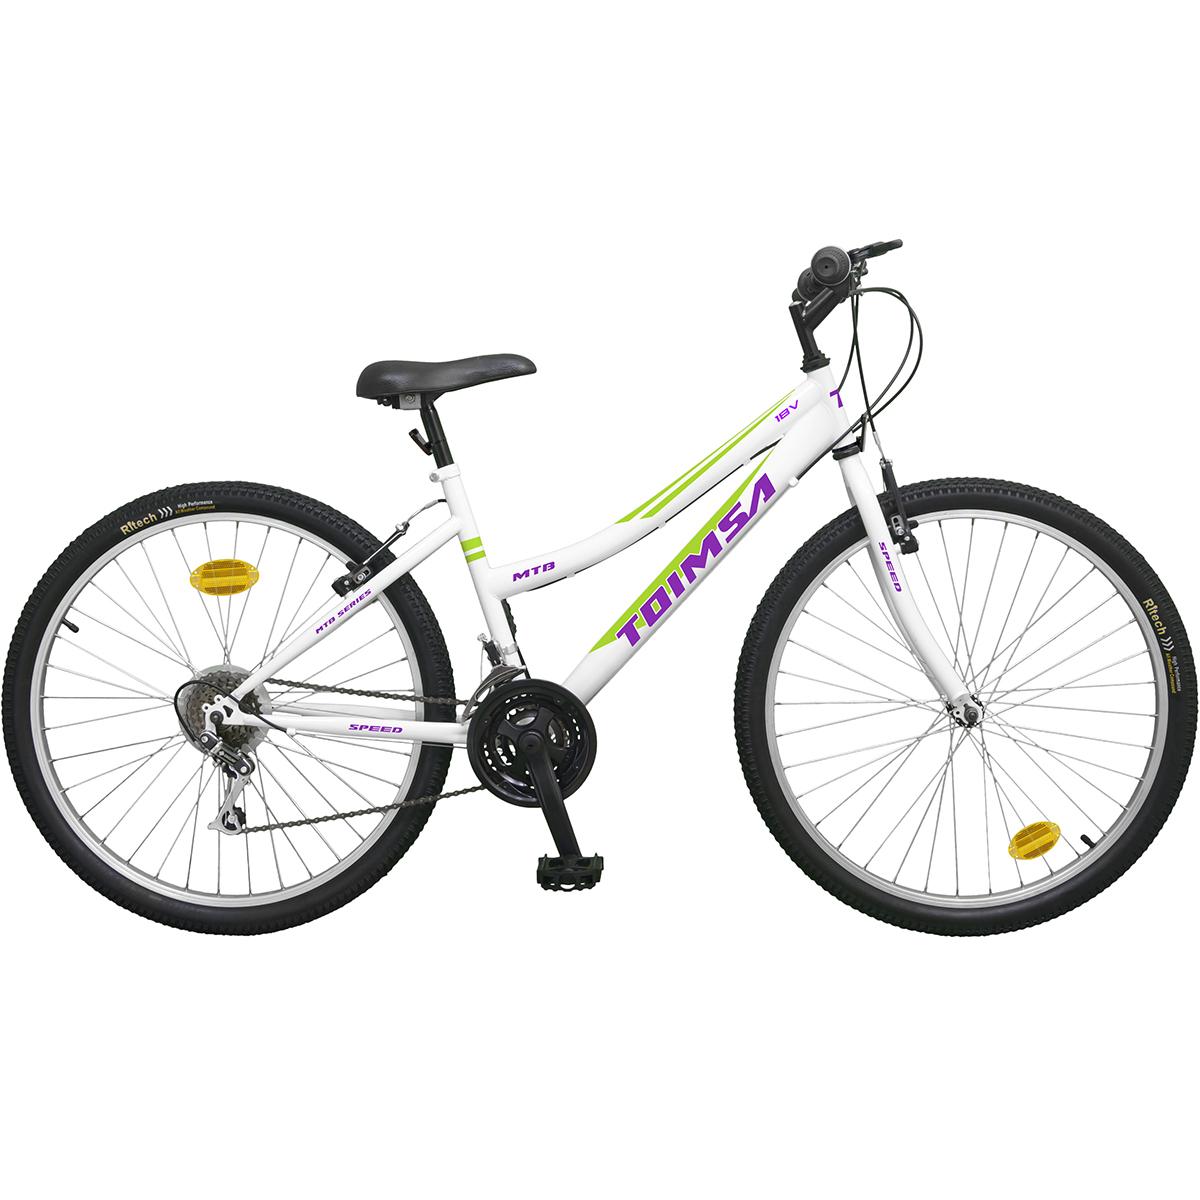 Bicicleta Toimsa, 26 inch, MTB, White, 18V